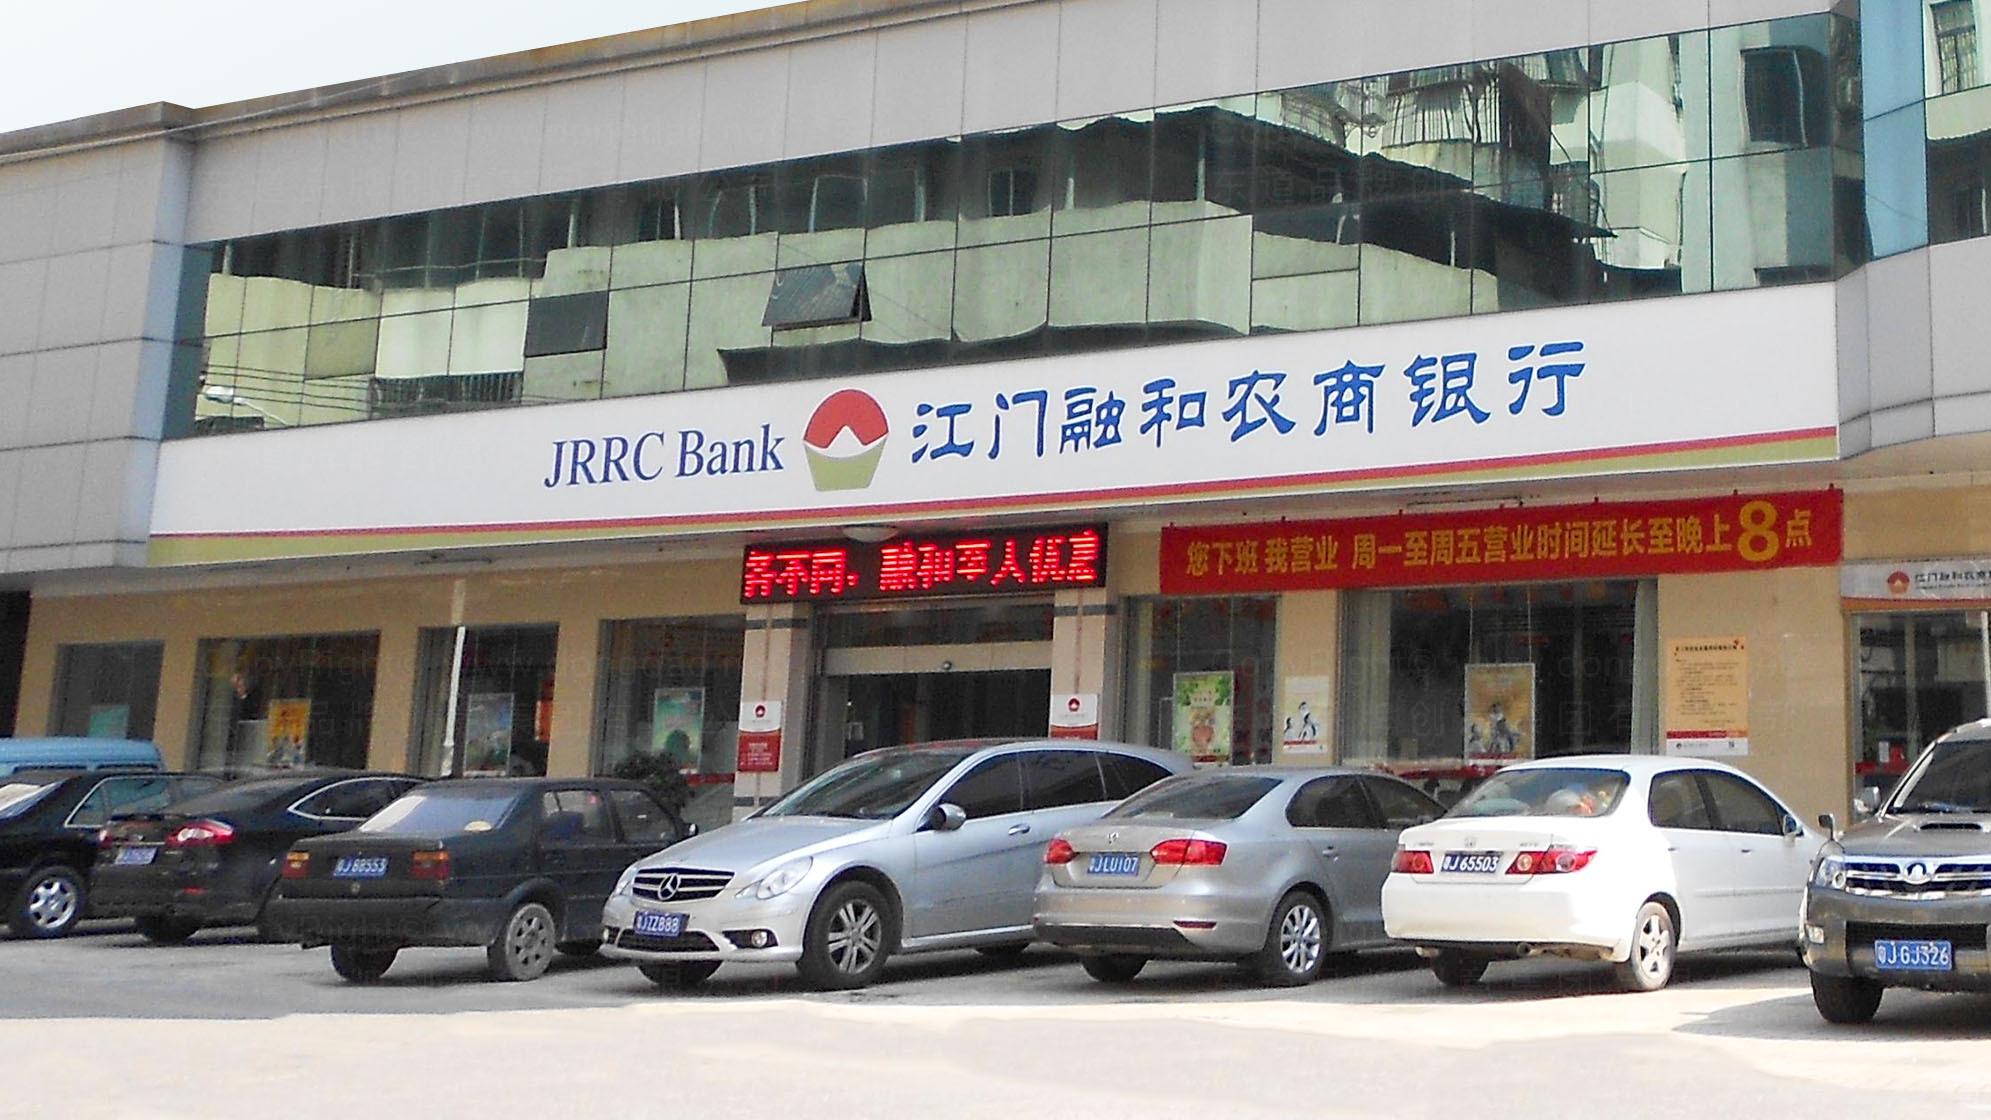 落地工程江门农商银行金融类环境空间制作应用场景